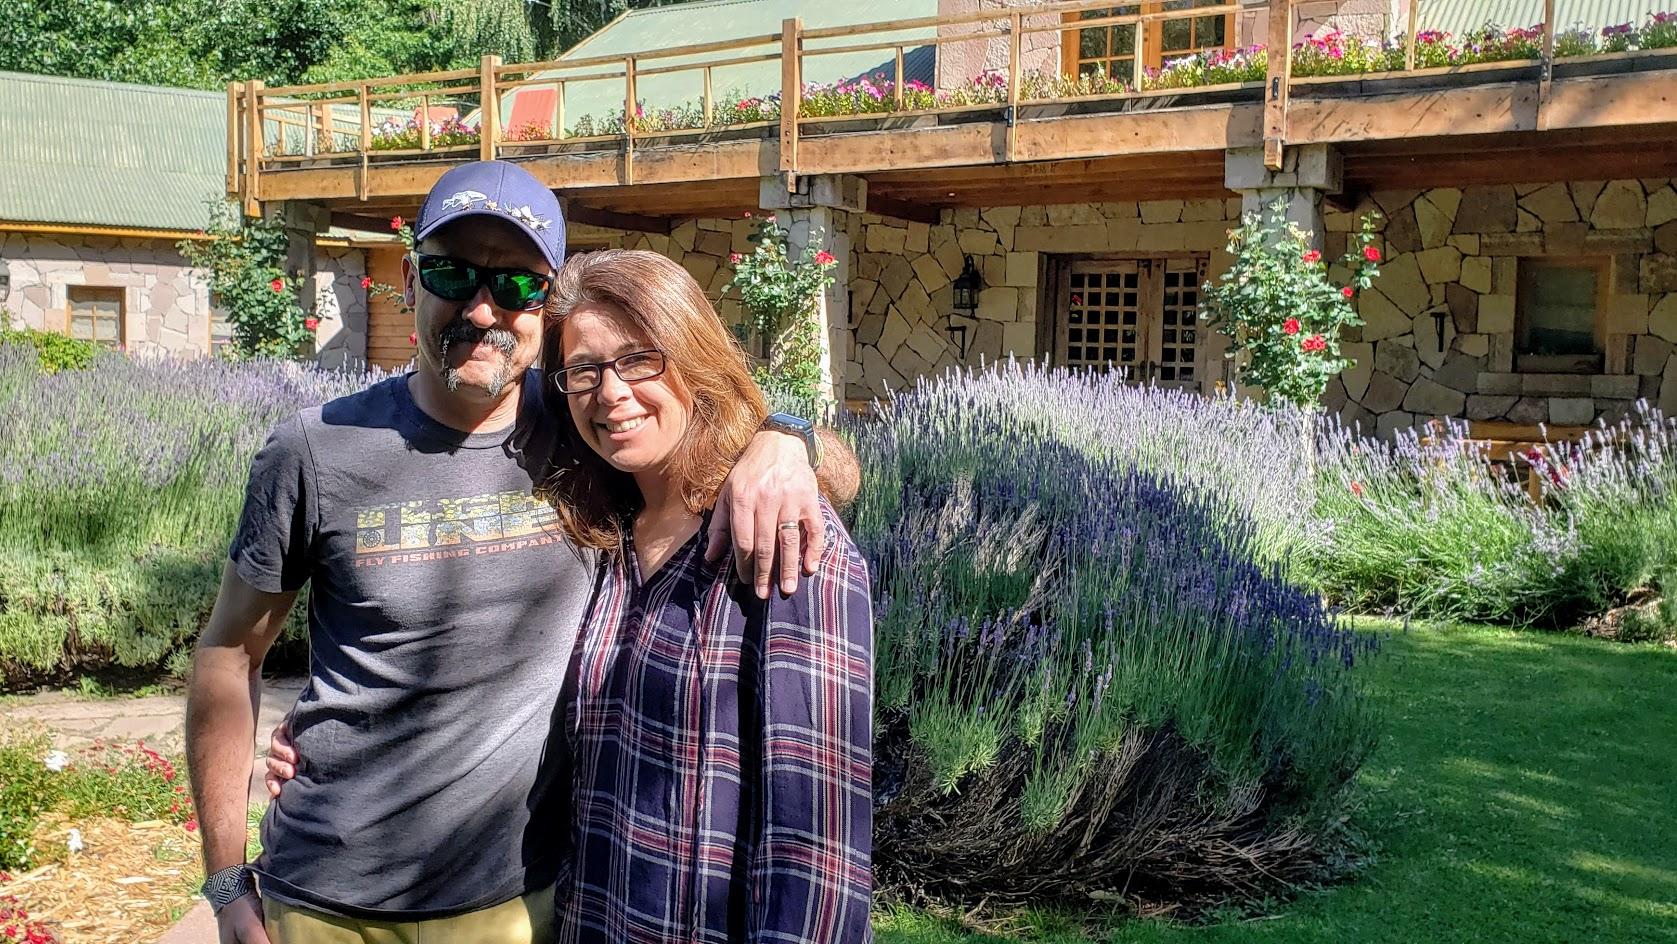 2020 02 Feb - Feb 24th - Tim and Sarah - H5EC8D~1